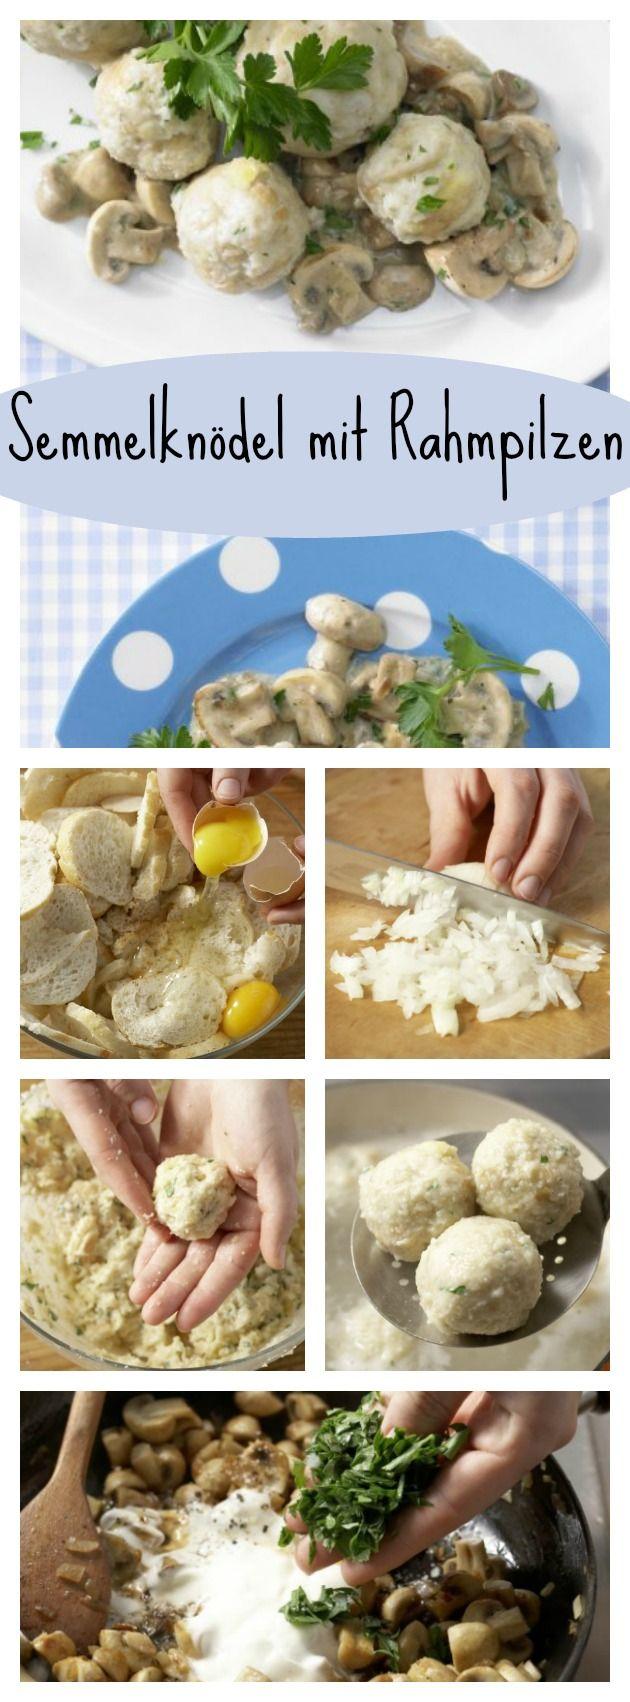 Milch in einem Topf leicht erwärmen. Etwas Muskat zur Milch in den Topf reiben, salzen und mit den Eiern über die Brötchen gießen: Semmelknödel mit Rahmpilzen – smarter Familienessen (2 Erw. und 2 Kinder) |http://eatsmarter.de/rezepte/semmelknoedel-rahmpilzen-smarter